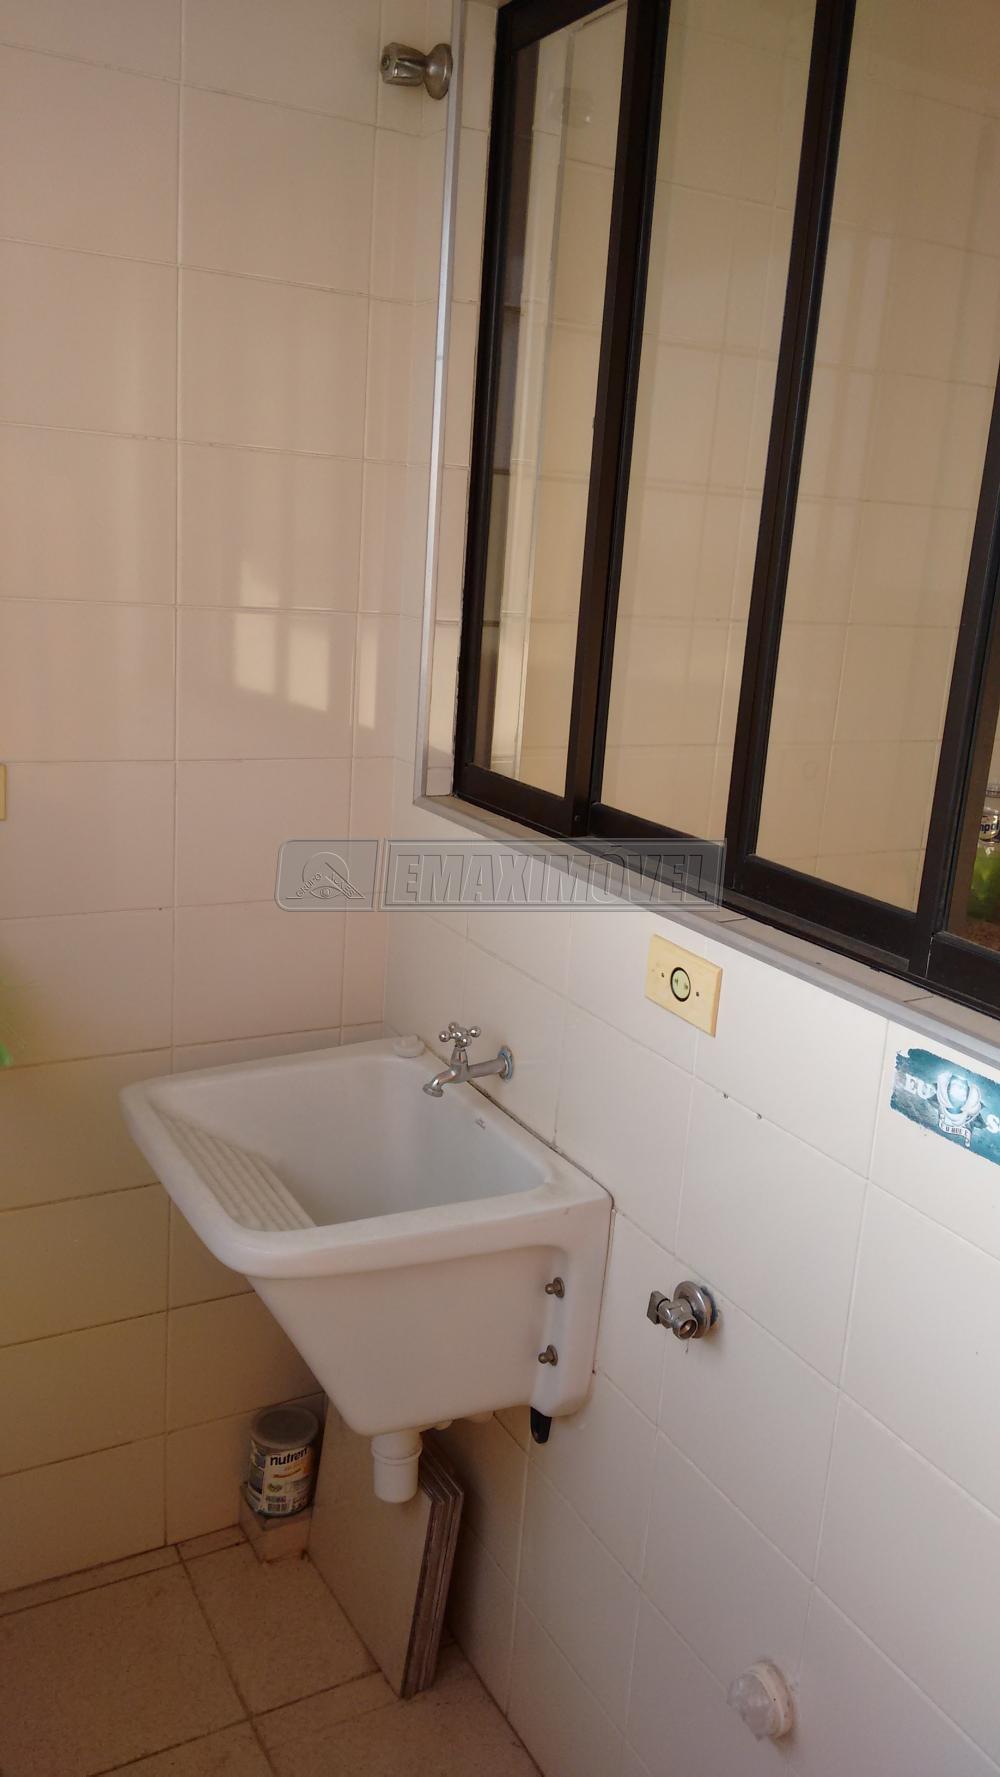 Comprar Apartamentos / Apto Padrão em Sorocaba apenas R$ 190.000,00 - Foto 19